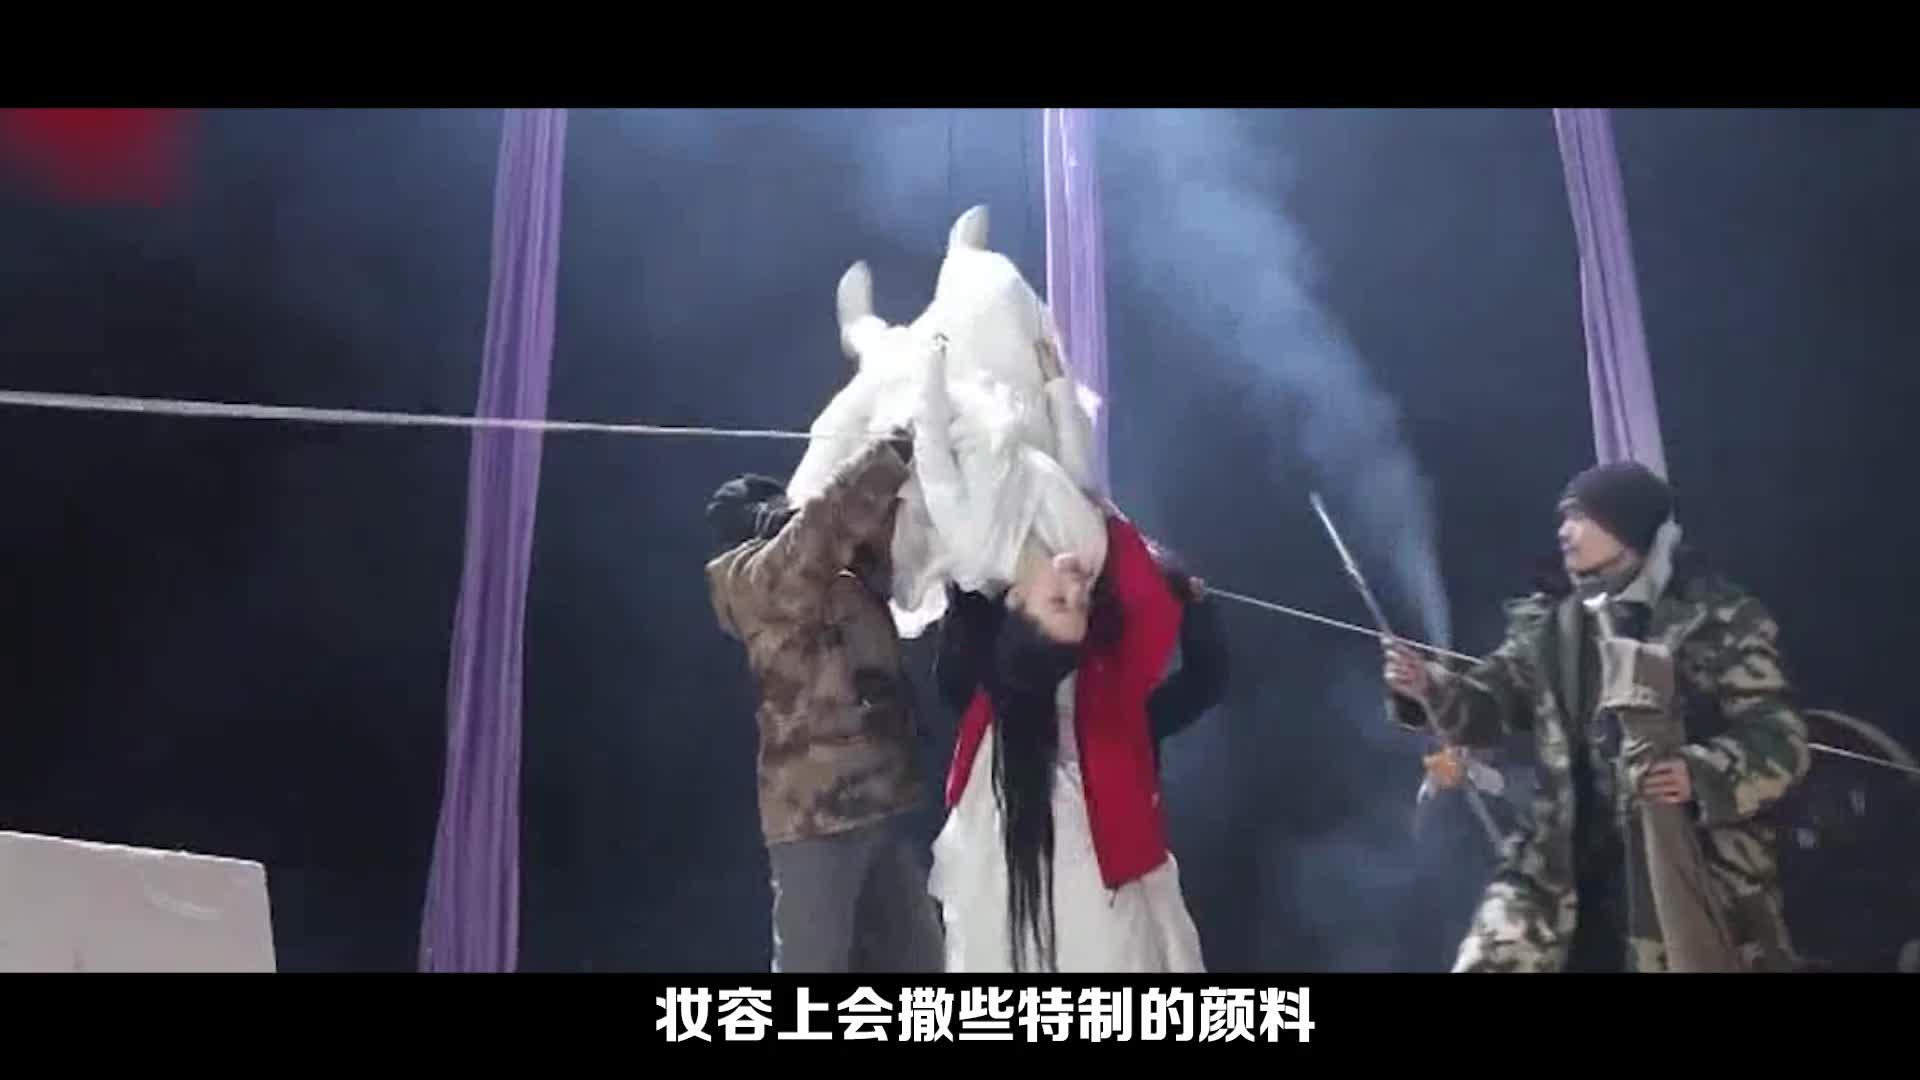 《诛仙》肖战最苦演员!从陈情令到诛仙从没有一步登天